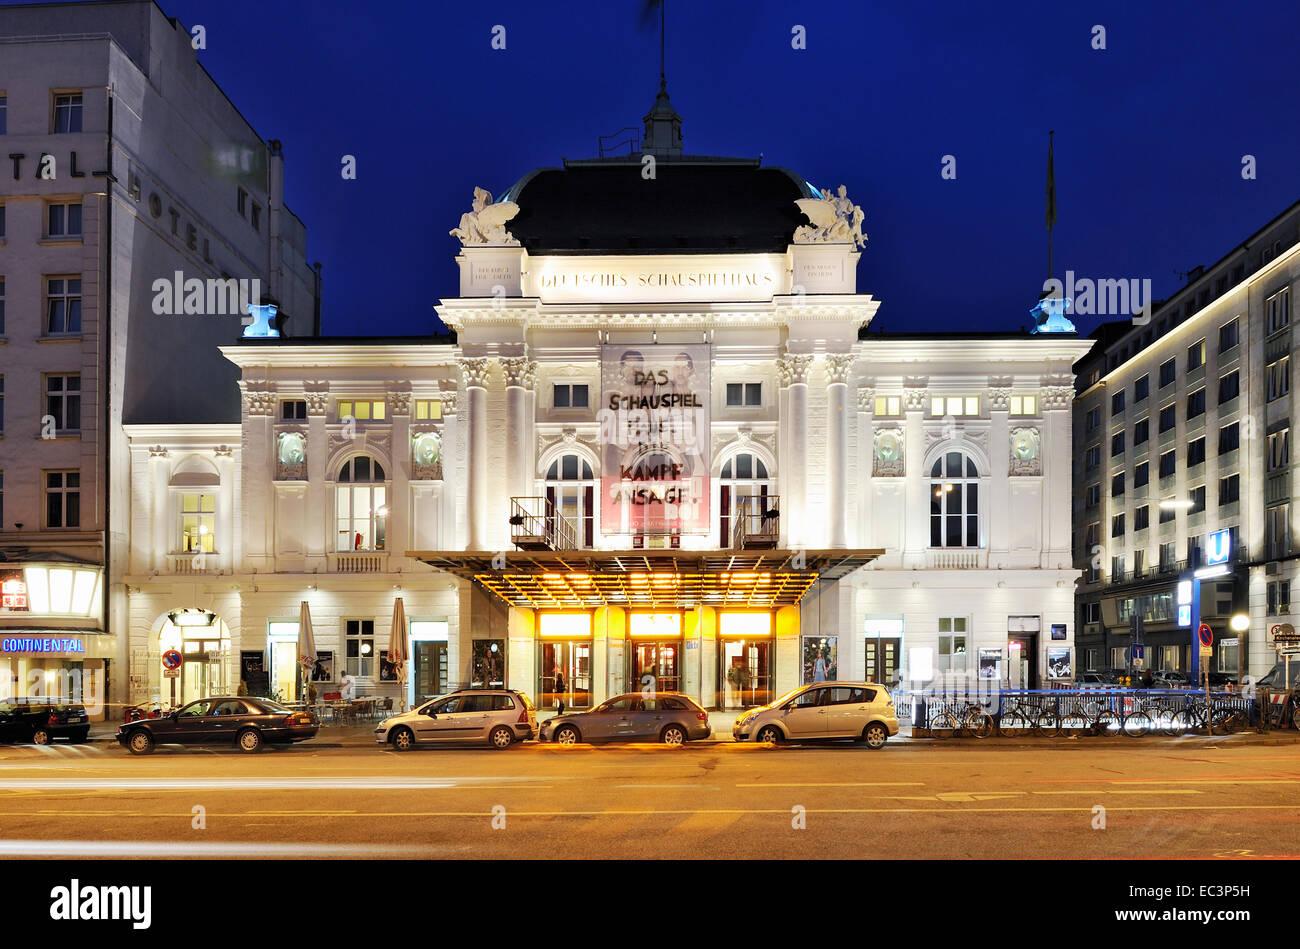 Deutsches Schauspielhaus theatre in Hamburg, Germany - Stock Image